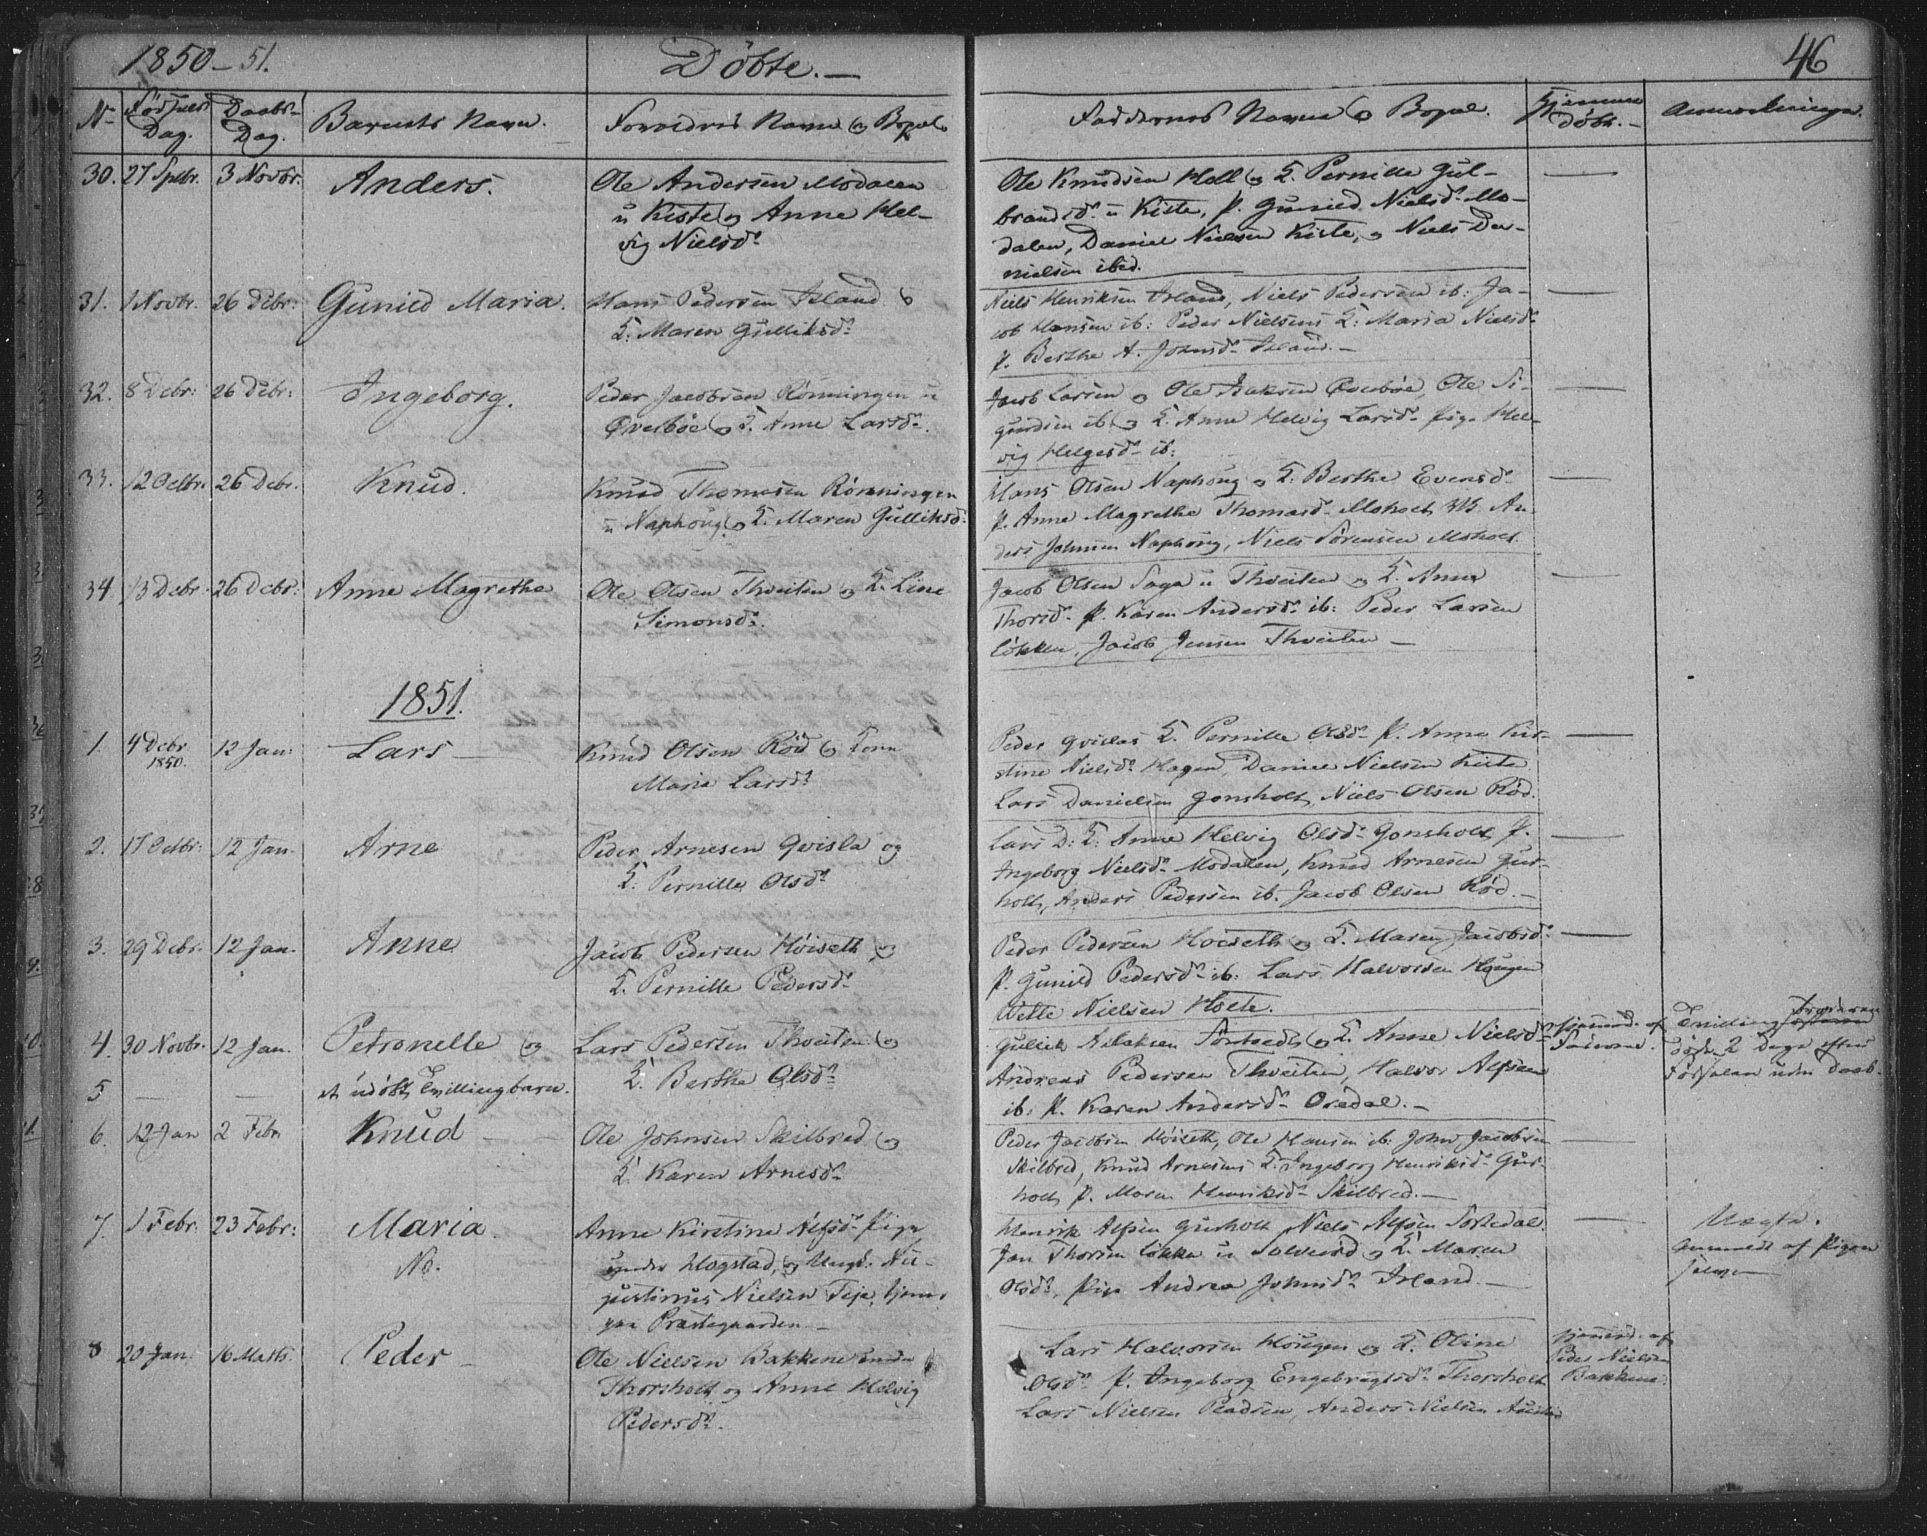 SAKO, Siljan kirkebøker, F/Fa/L0001: Ministerialbok nr. 1, 1831-1870, s. 46